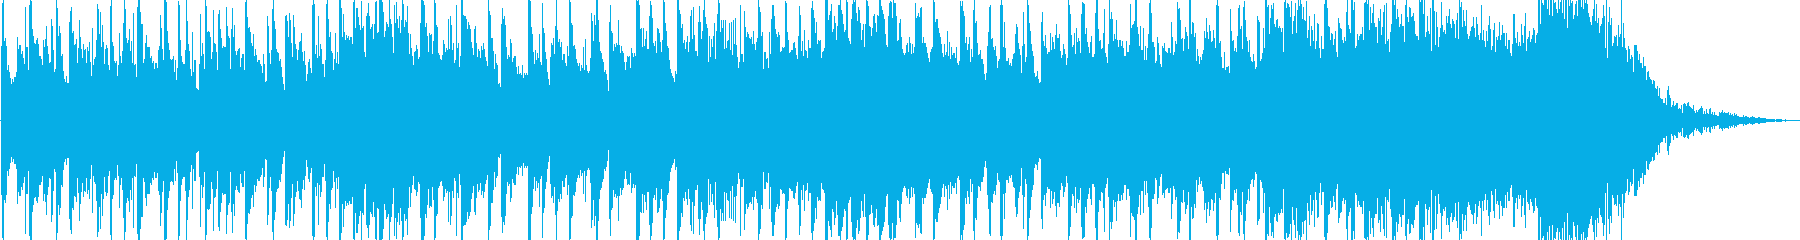 軽快なポップス風のジングルの再生済みの波形